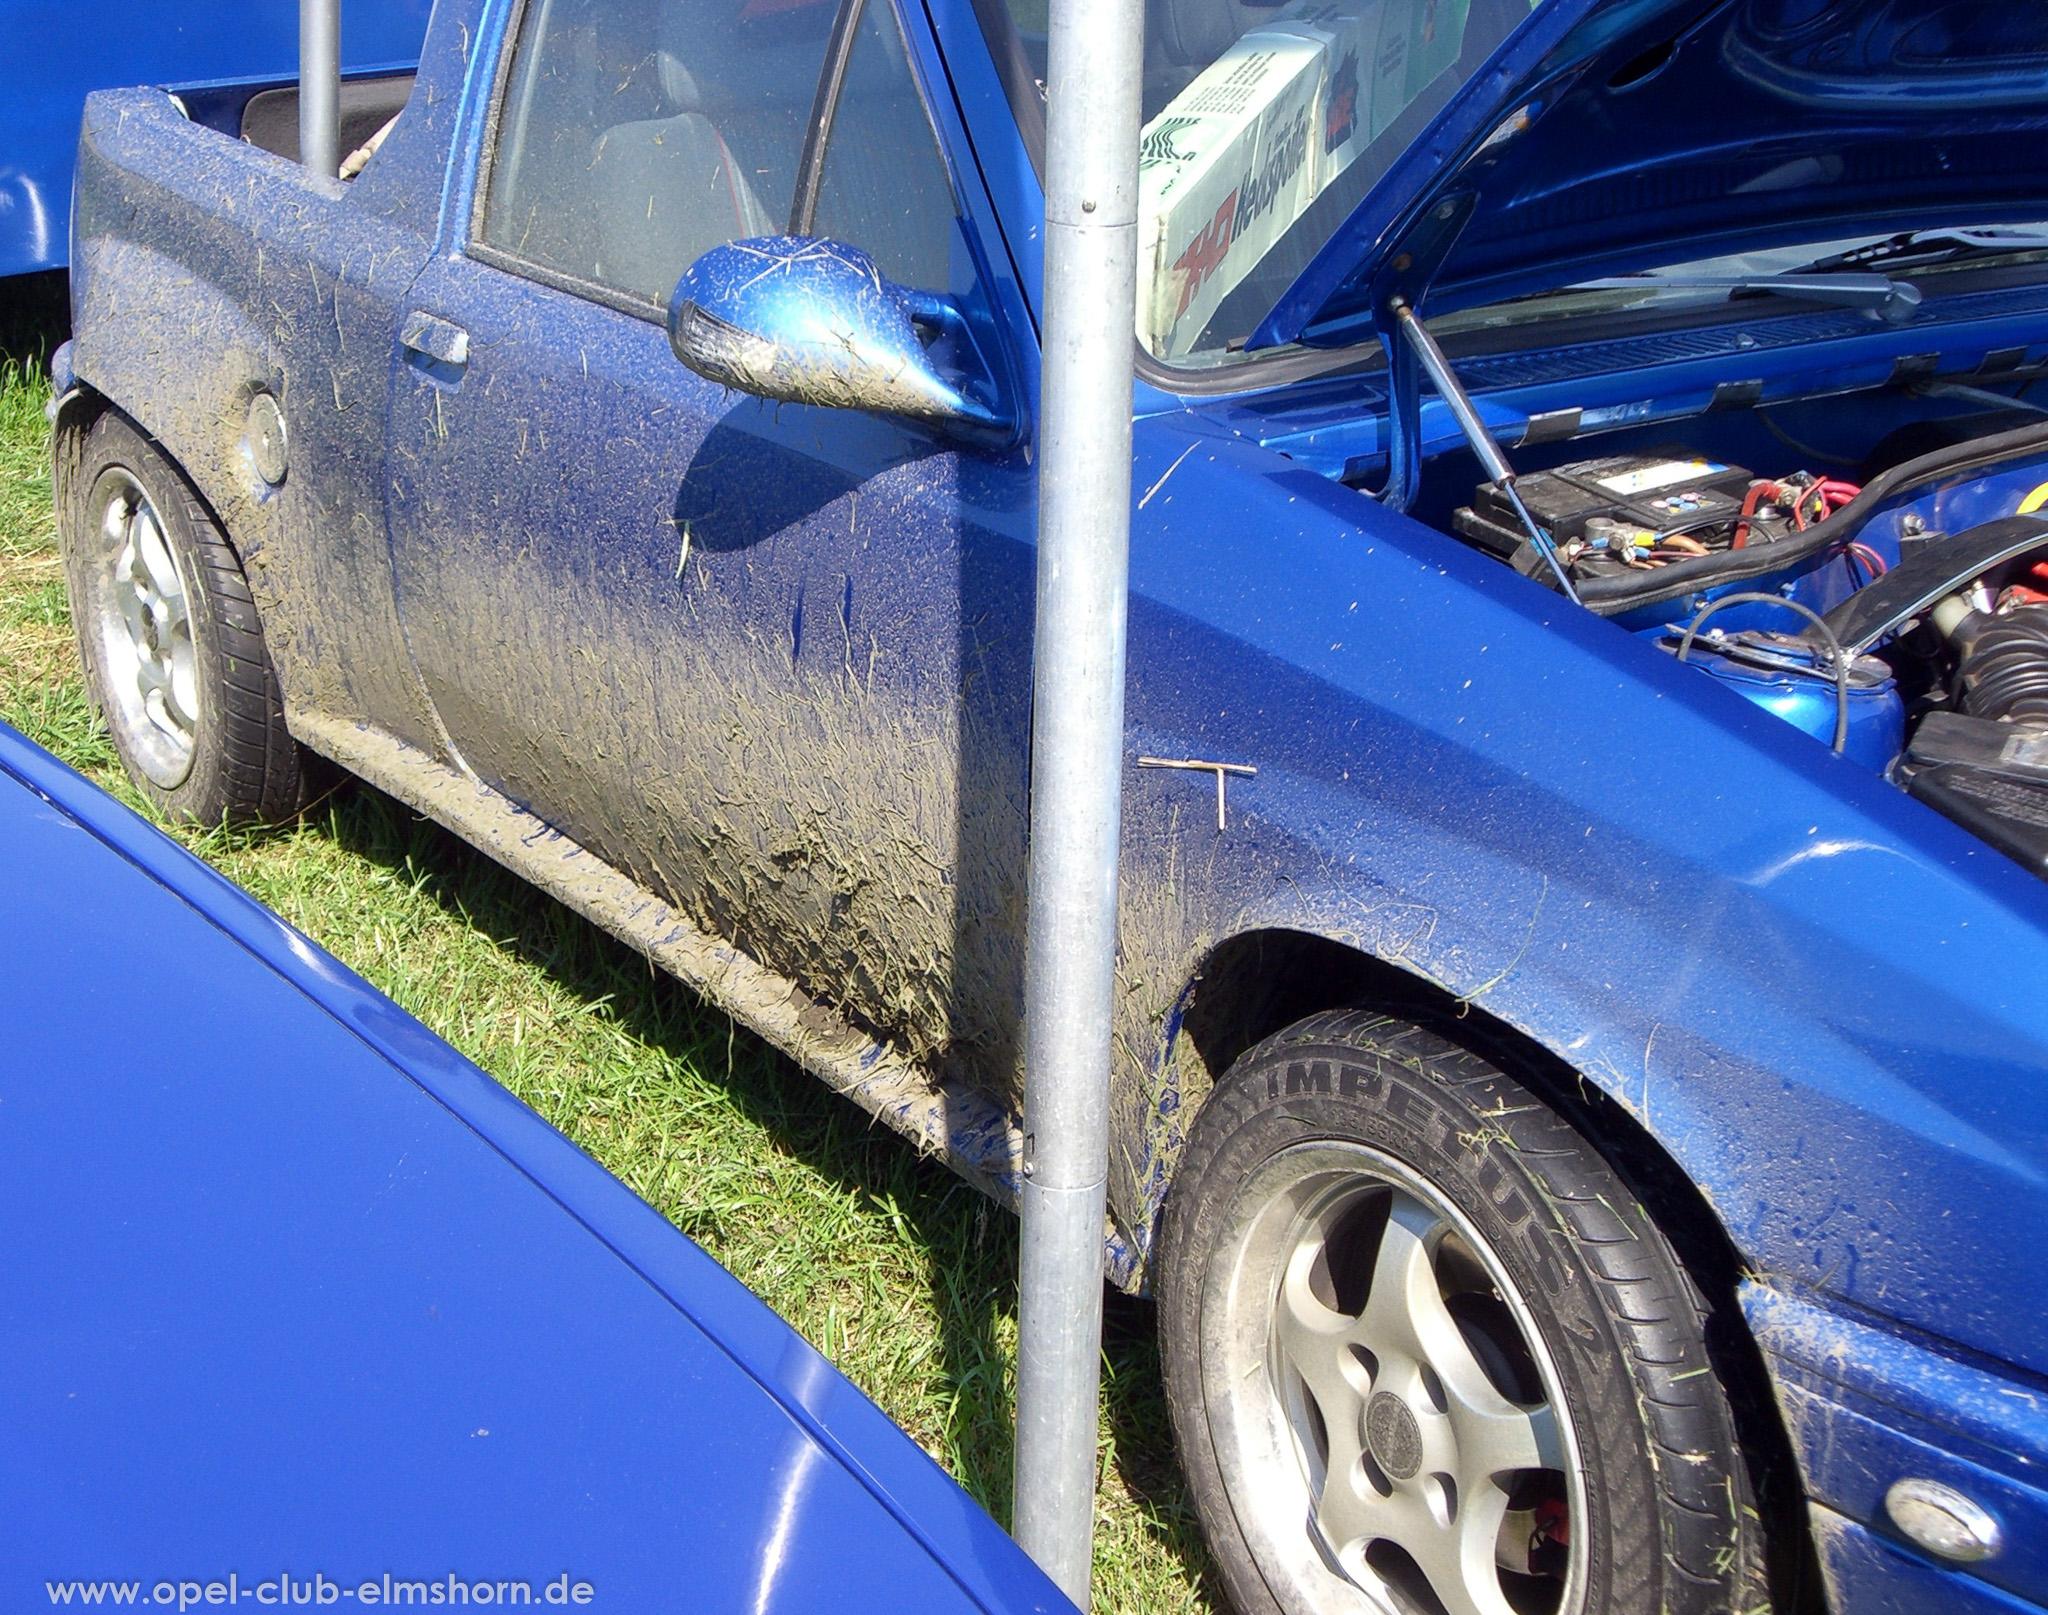 Opeltreffen Brunsbüttel Opelfreunde 2008 - 20080704_162632 - Dreck am Corsa